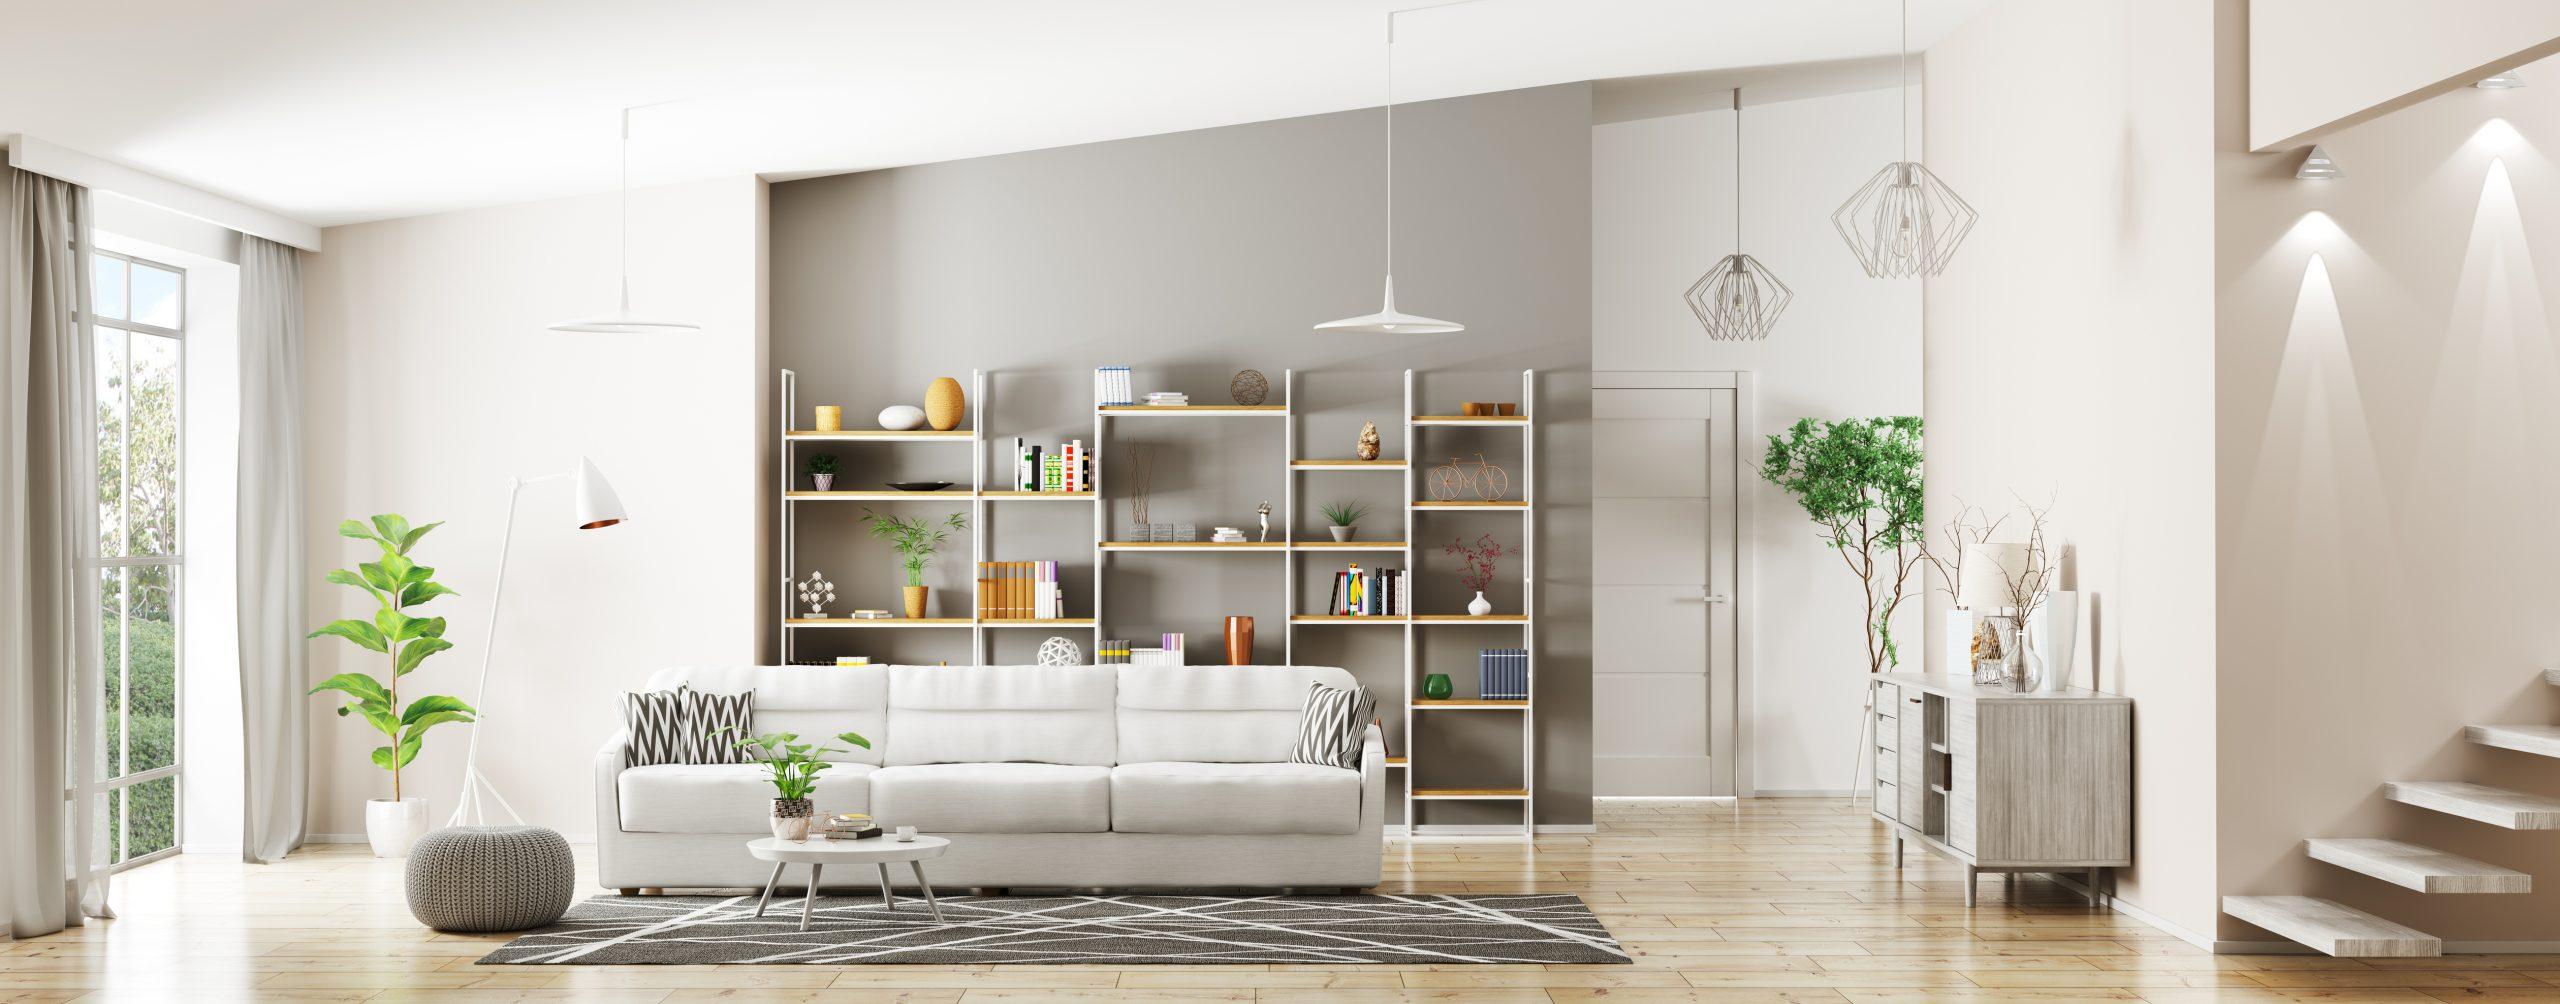 La Décoration De Salon la décoration du salon — où commencer ? – decormonmur.ca